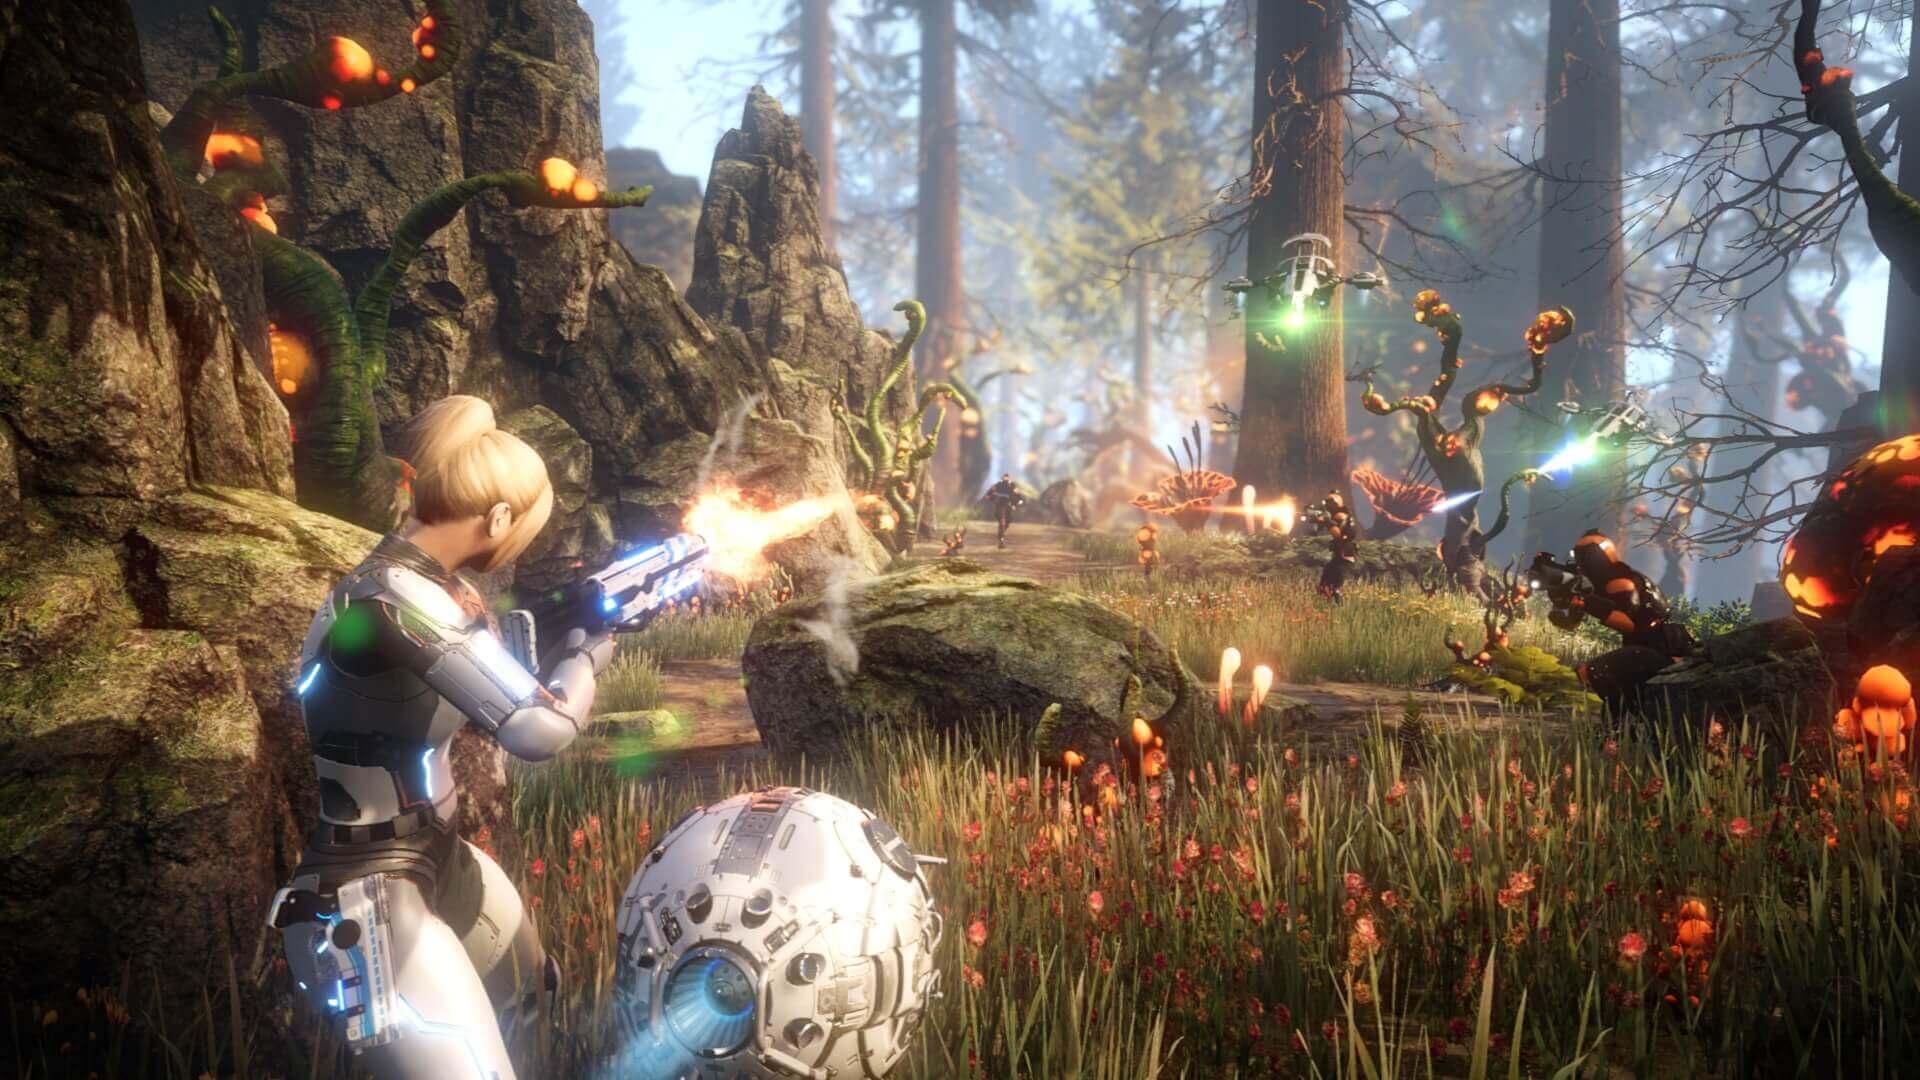 Foto de Everreach: Project Eden, RPG  Sci-Fi, foi anunciado para PC, Xbox One e PS4